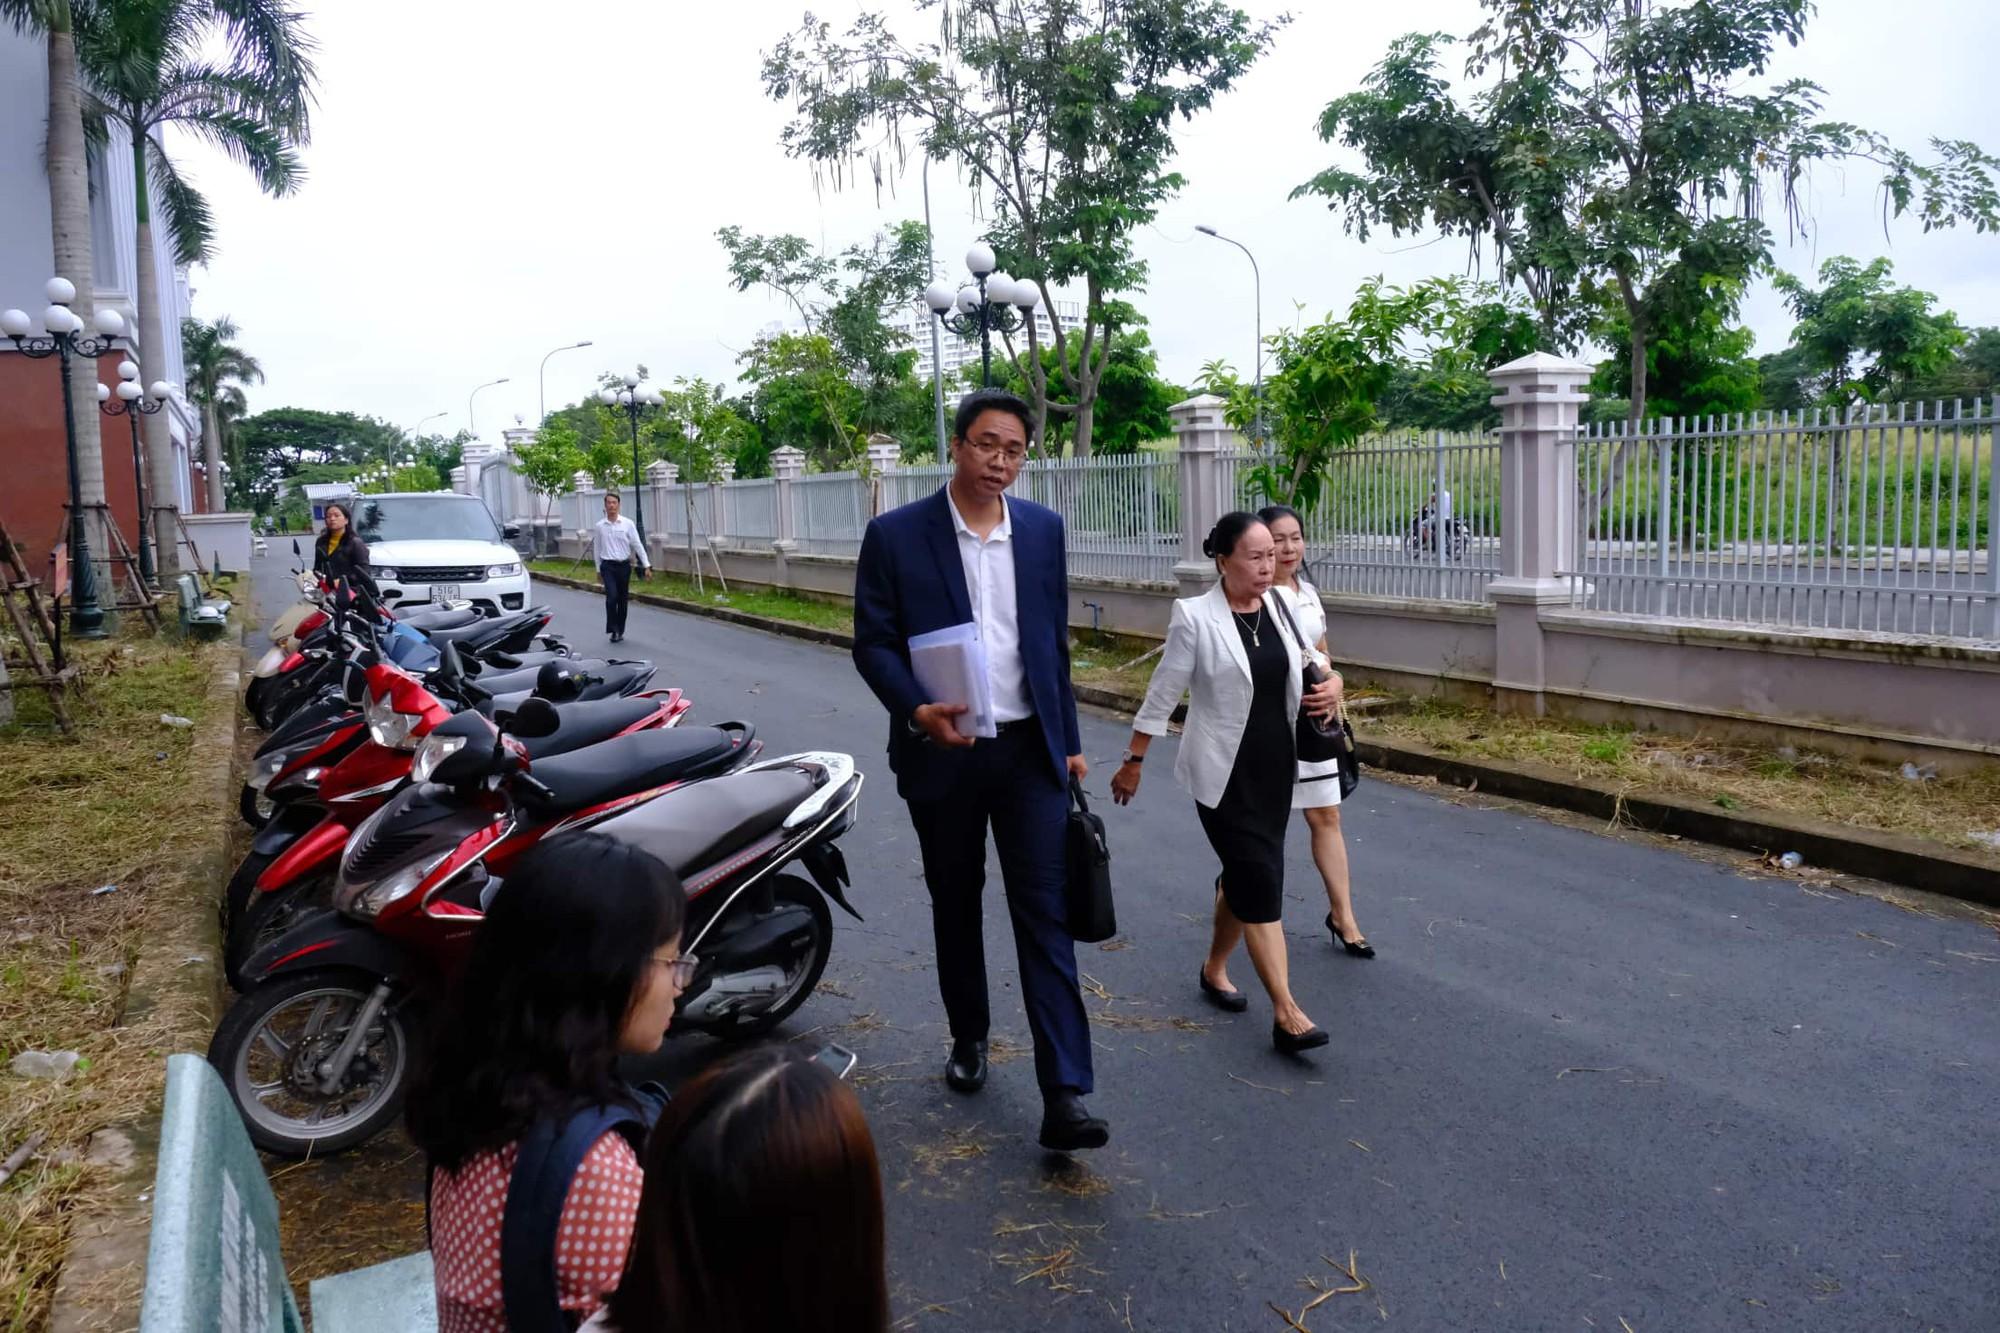 NÓNG: Bà Thảo vắng mặt trong phiên tòa ly hôn nghìn tỷ, ông Vũ cho biết không muốn nhắc đến chuyện gia đình-15